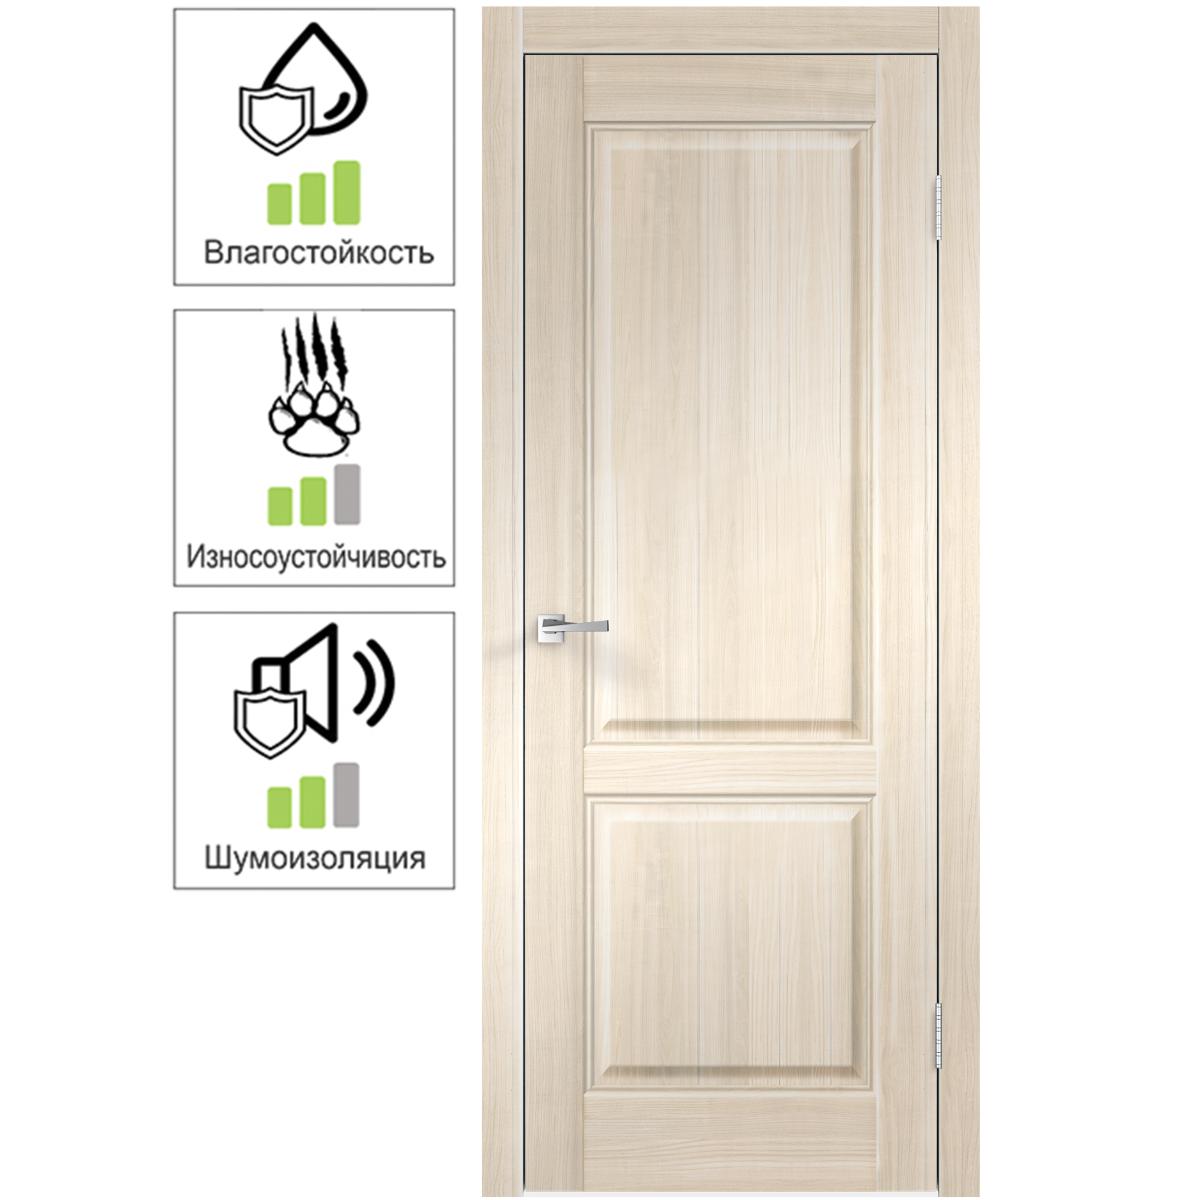 Дверь межкомнатная Вилла 2Р 60х200 см с фурнитурой ПВХ цвет японский ясень